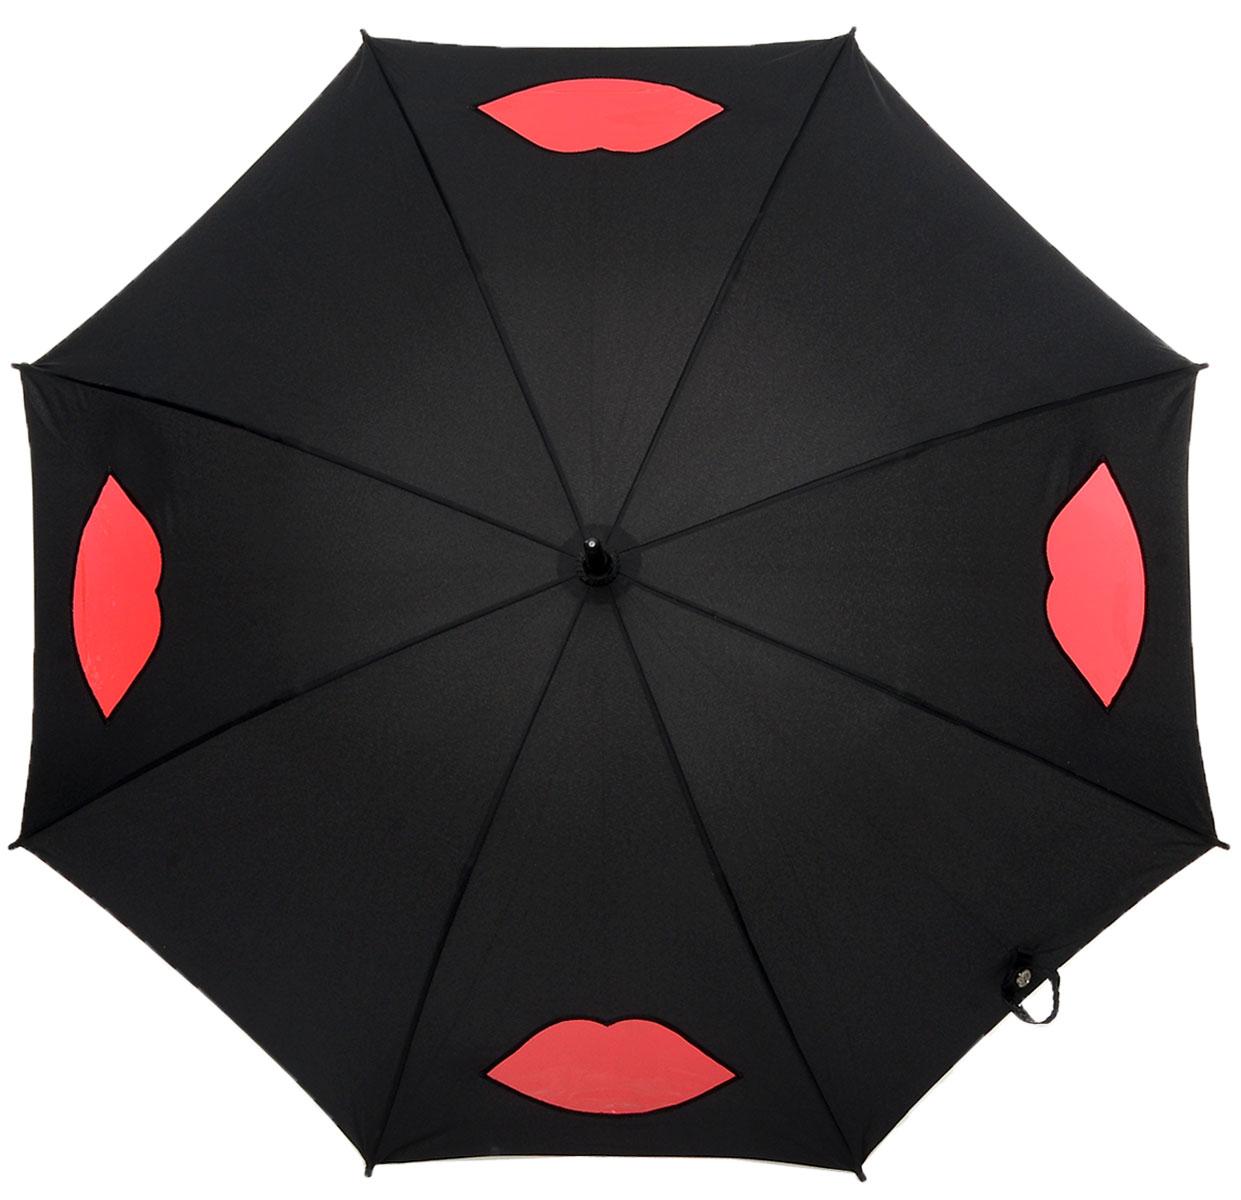 Зонт-трость женский Lulu Guinness Kensington, механический, цвет: черный, темно-красный. L777-2877L777-2877 CutOutLipsBlackМодный механический зонт-трость Fulton Lulu Guinness даже в ненастную погоду позволит вам оставаться стильной и элегантной. Каркас зонта состоит из 8 спиц и стержня из фибергласса. Купол зонта выполнен из прочного полиэстера и оформлен вставками в виде губ, которые выполнены из полупрозрачного материала. Изделие оснащено удобной рукояткой из дерева. Зонт механического сложения: купол открывается и закрывается вручную до характерного щелчка. Модель закрывается при помощи хлястика на кнопке. Такой зонт не только надежно защитит вас от дождя, но и станет стильным аксессуаром, который идеально подчеркнет ваш неповторимый образ.